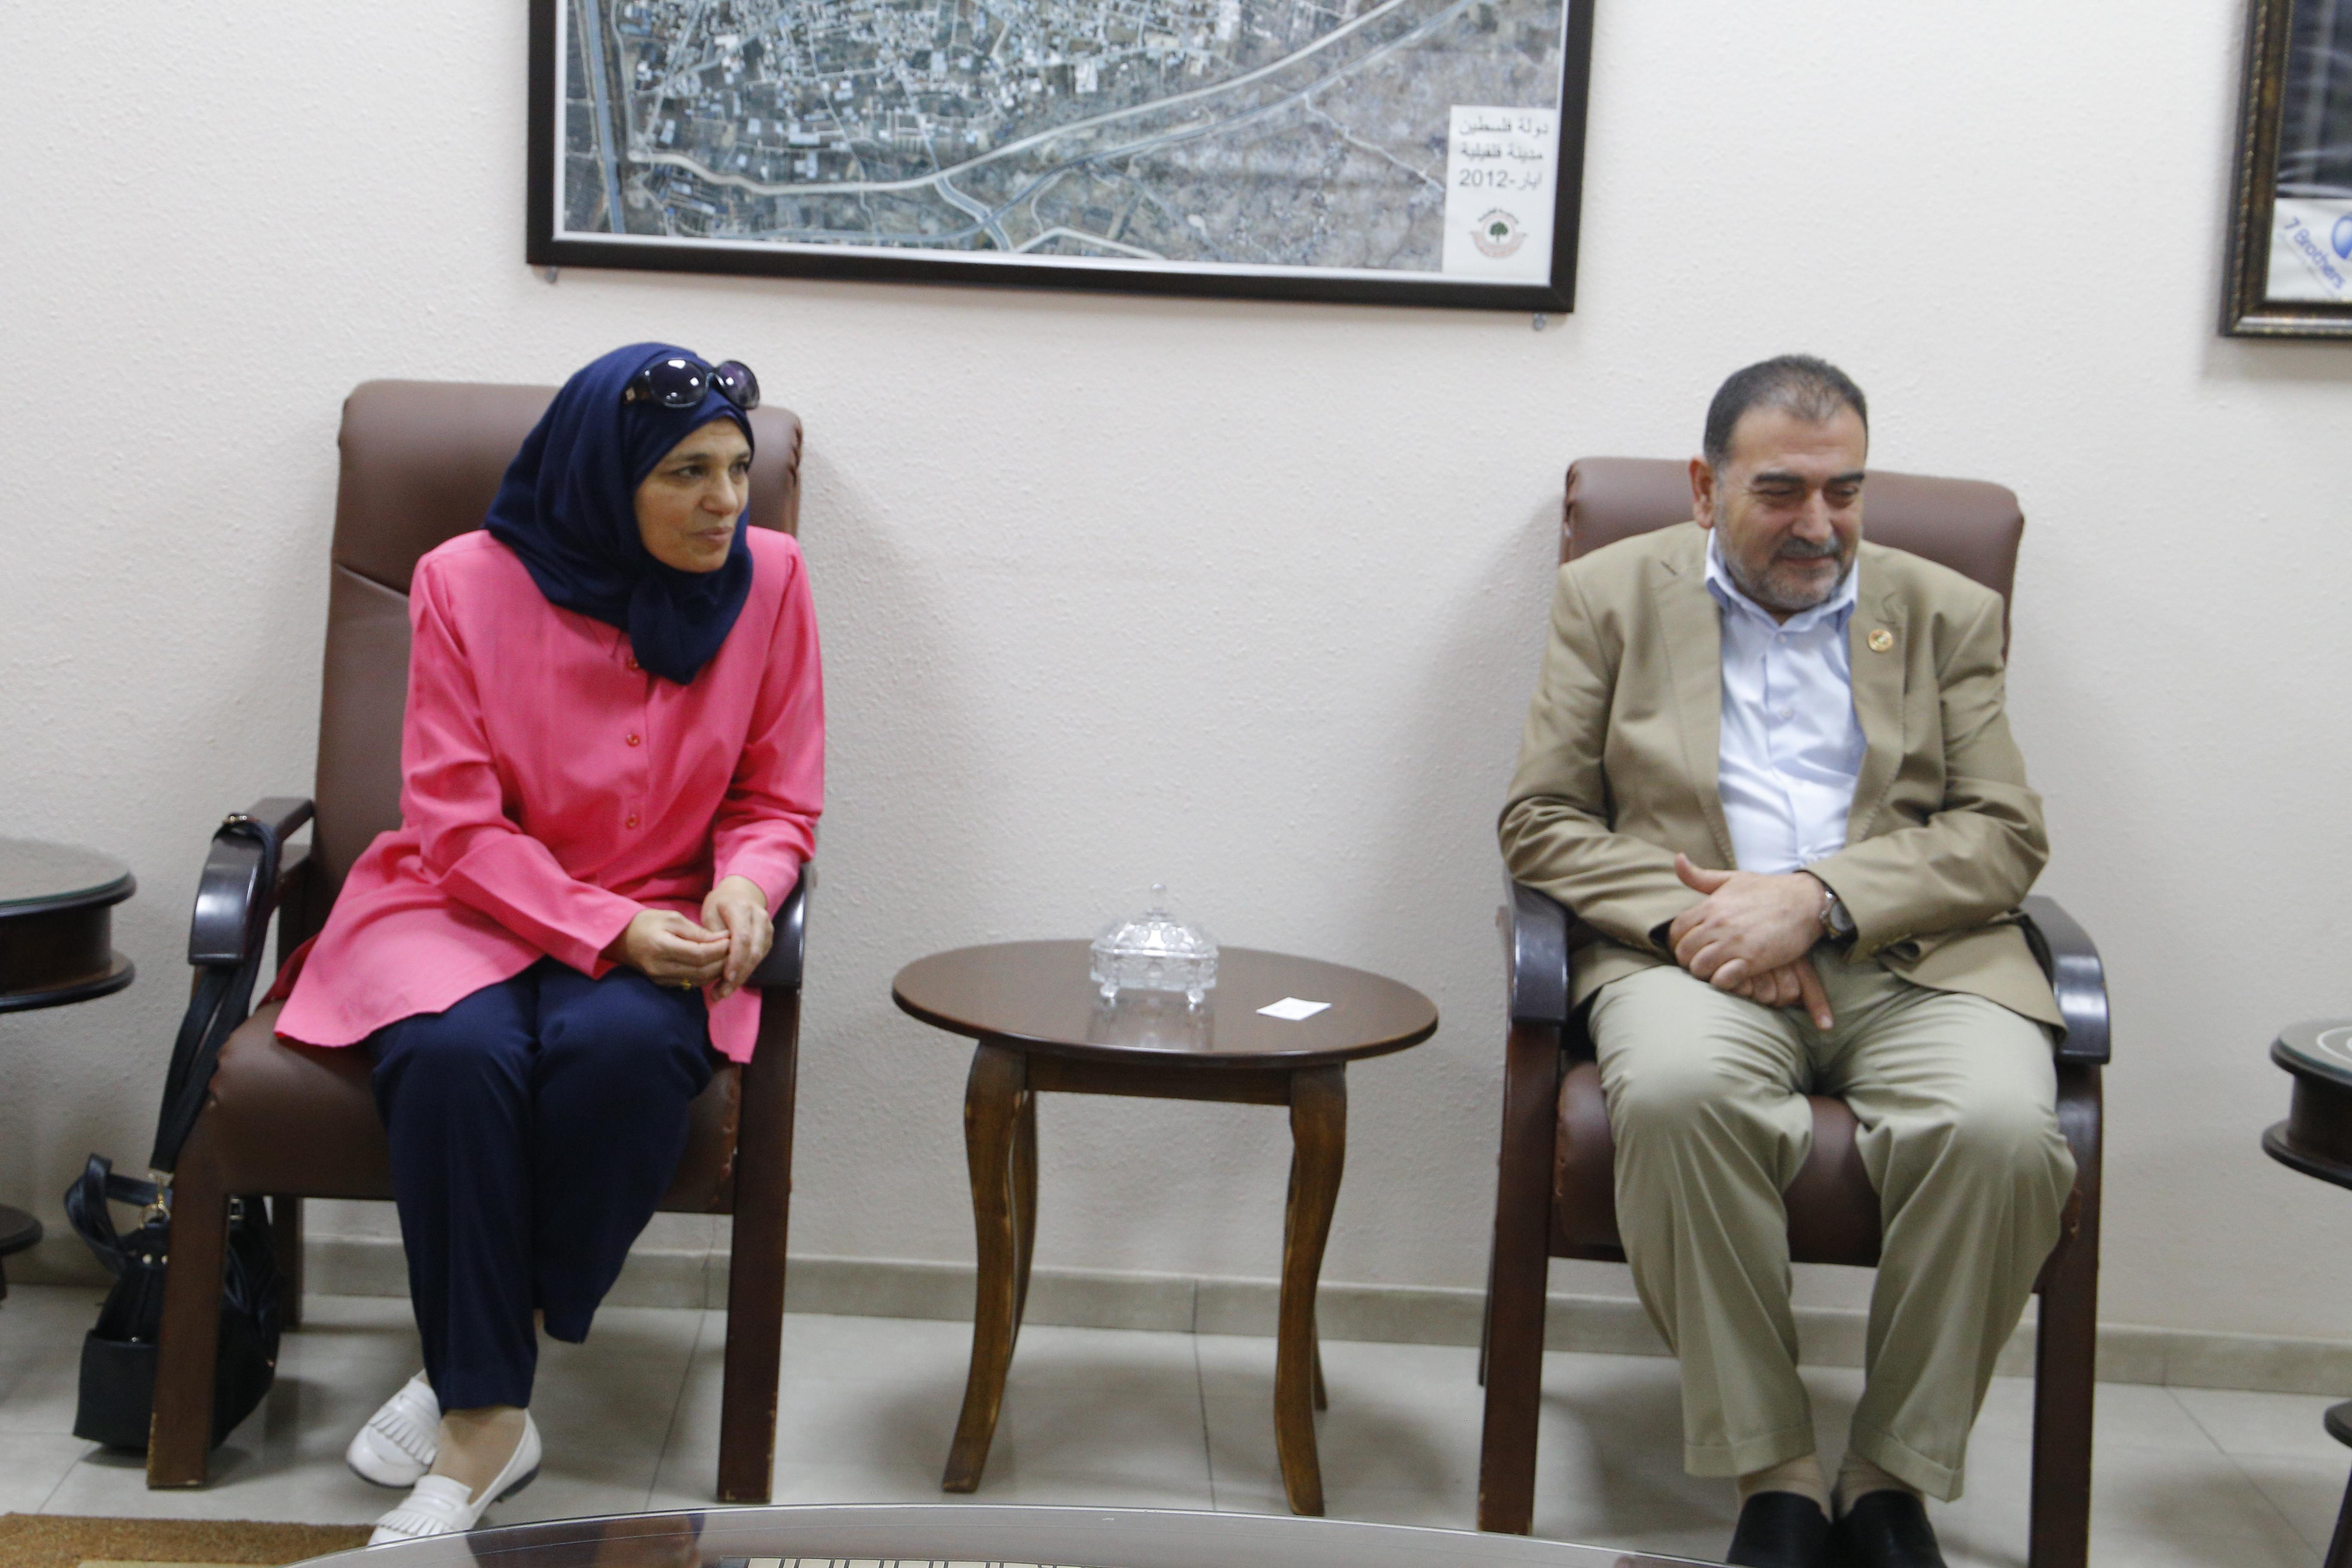 رئيس البلدية يلتقي مدير عام وحدة النوع الاجتماعي في وزارة الحكم.